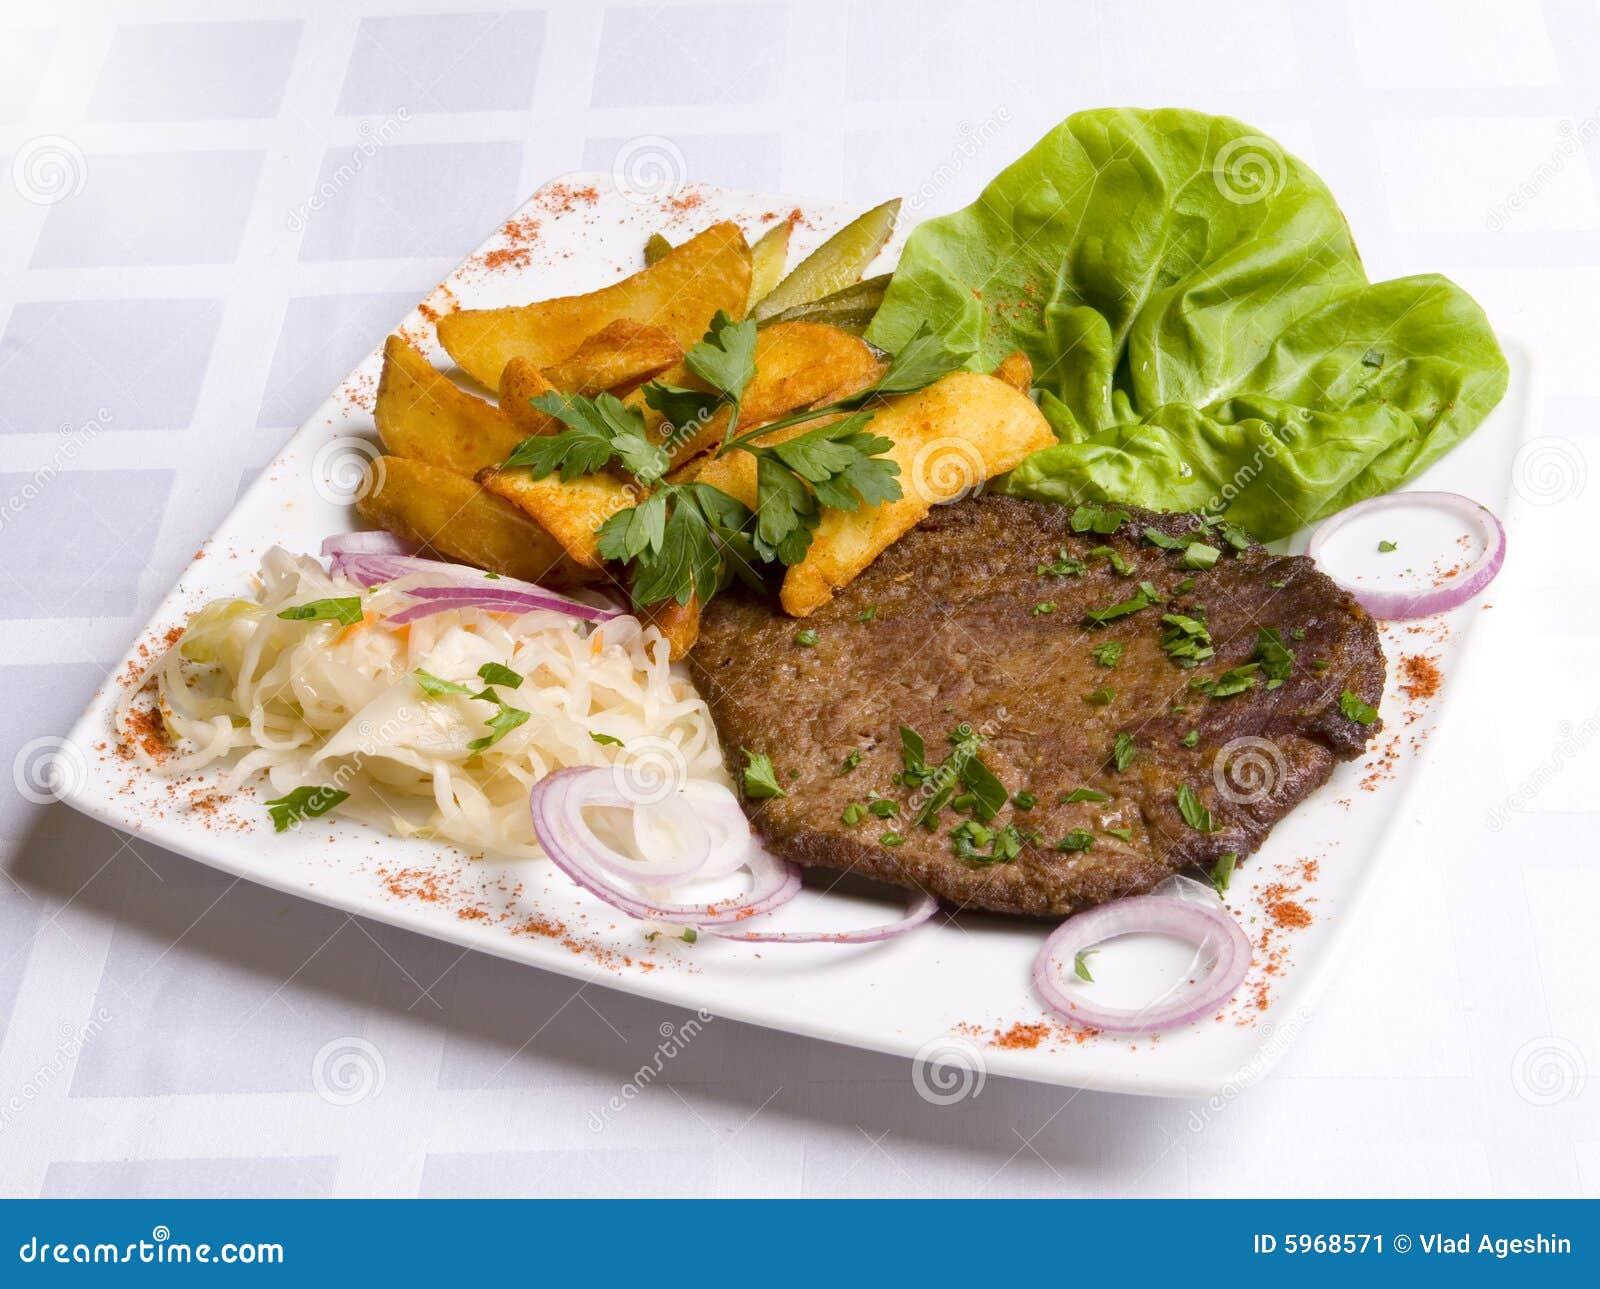 Côtelette de veau avec des lames de salade et de potatoe frit